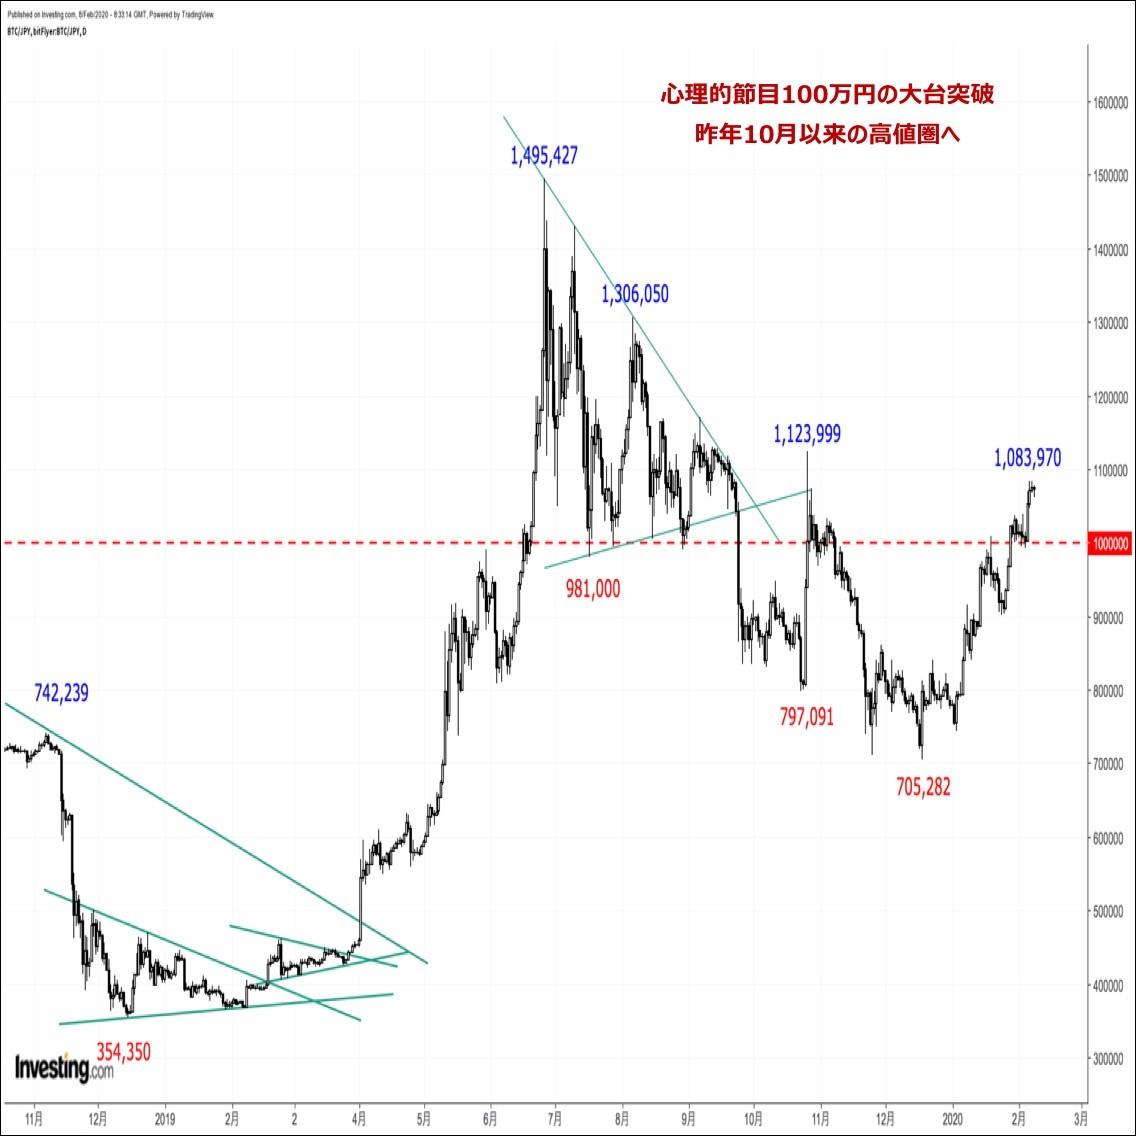 ビットコインの価格分析:『昨年10月以来の高値圏へ続伸。押し目待ちに押し目なしが継続中』